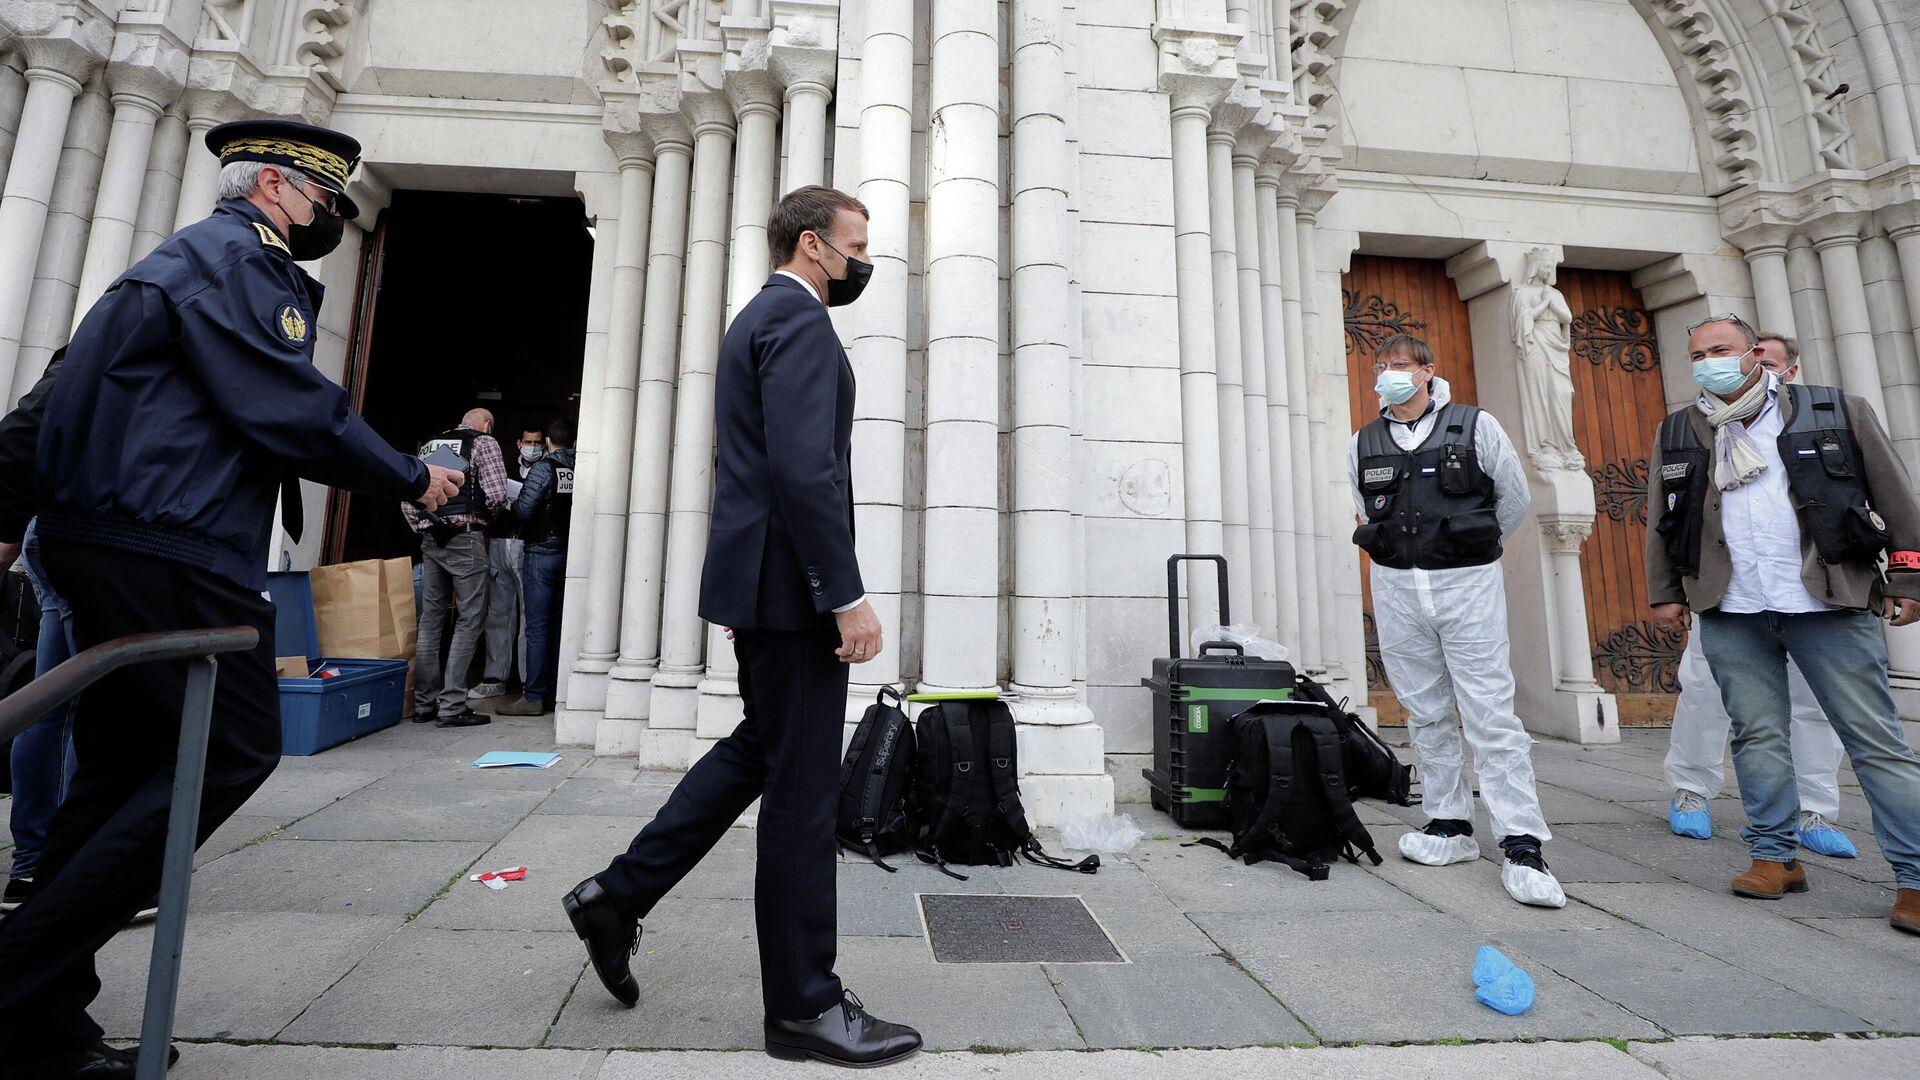 Президент Франции Эммануэль Макрон в Ницце, где произошло вооруженное нападение у церкви - РИА Новости, 1920, 29.10.2020